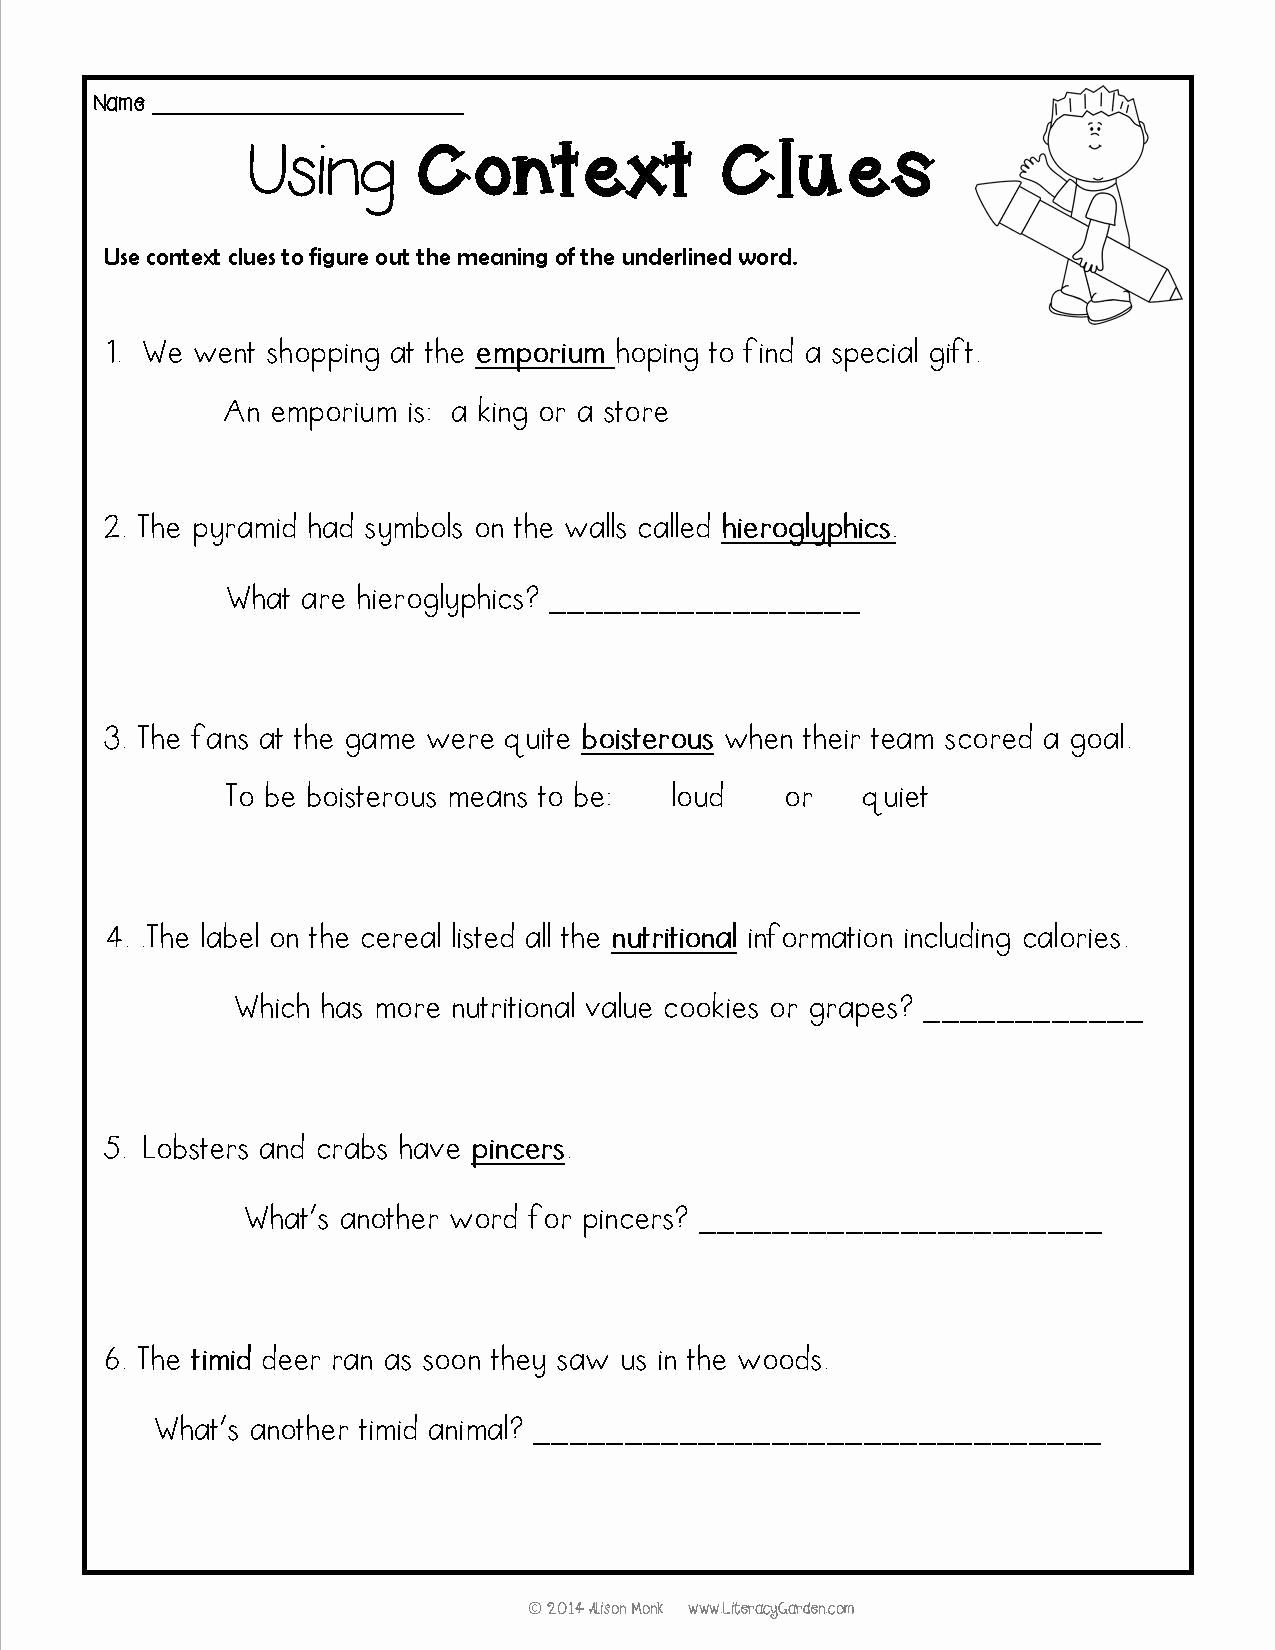 Context Clues Worksheets Second Grade Unique Context Clues Donovan S Word Jar